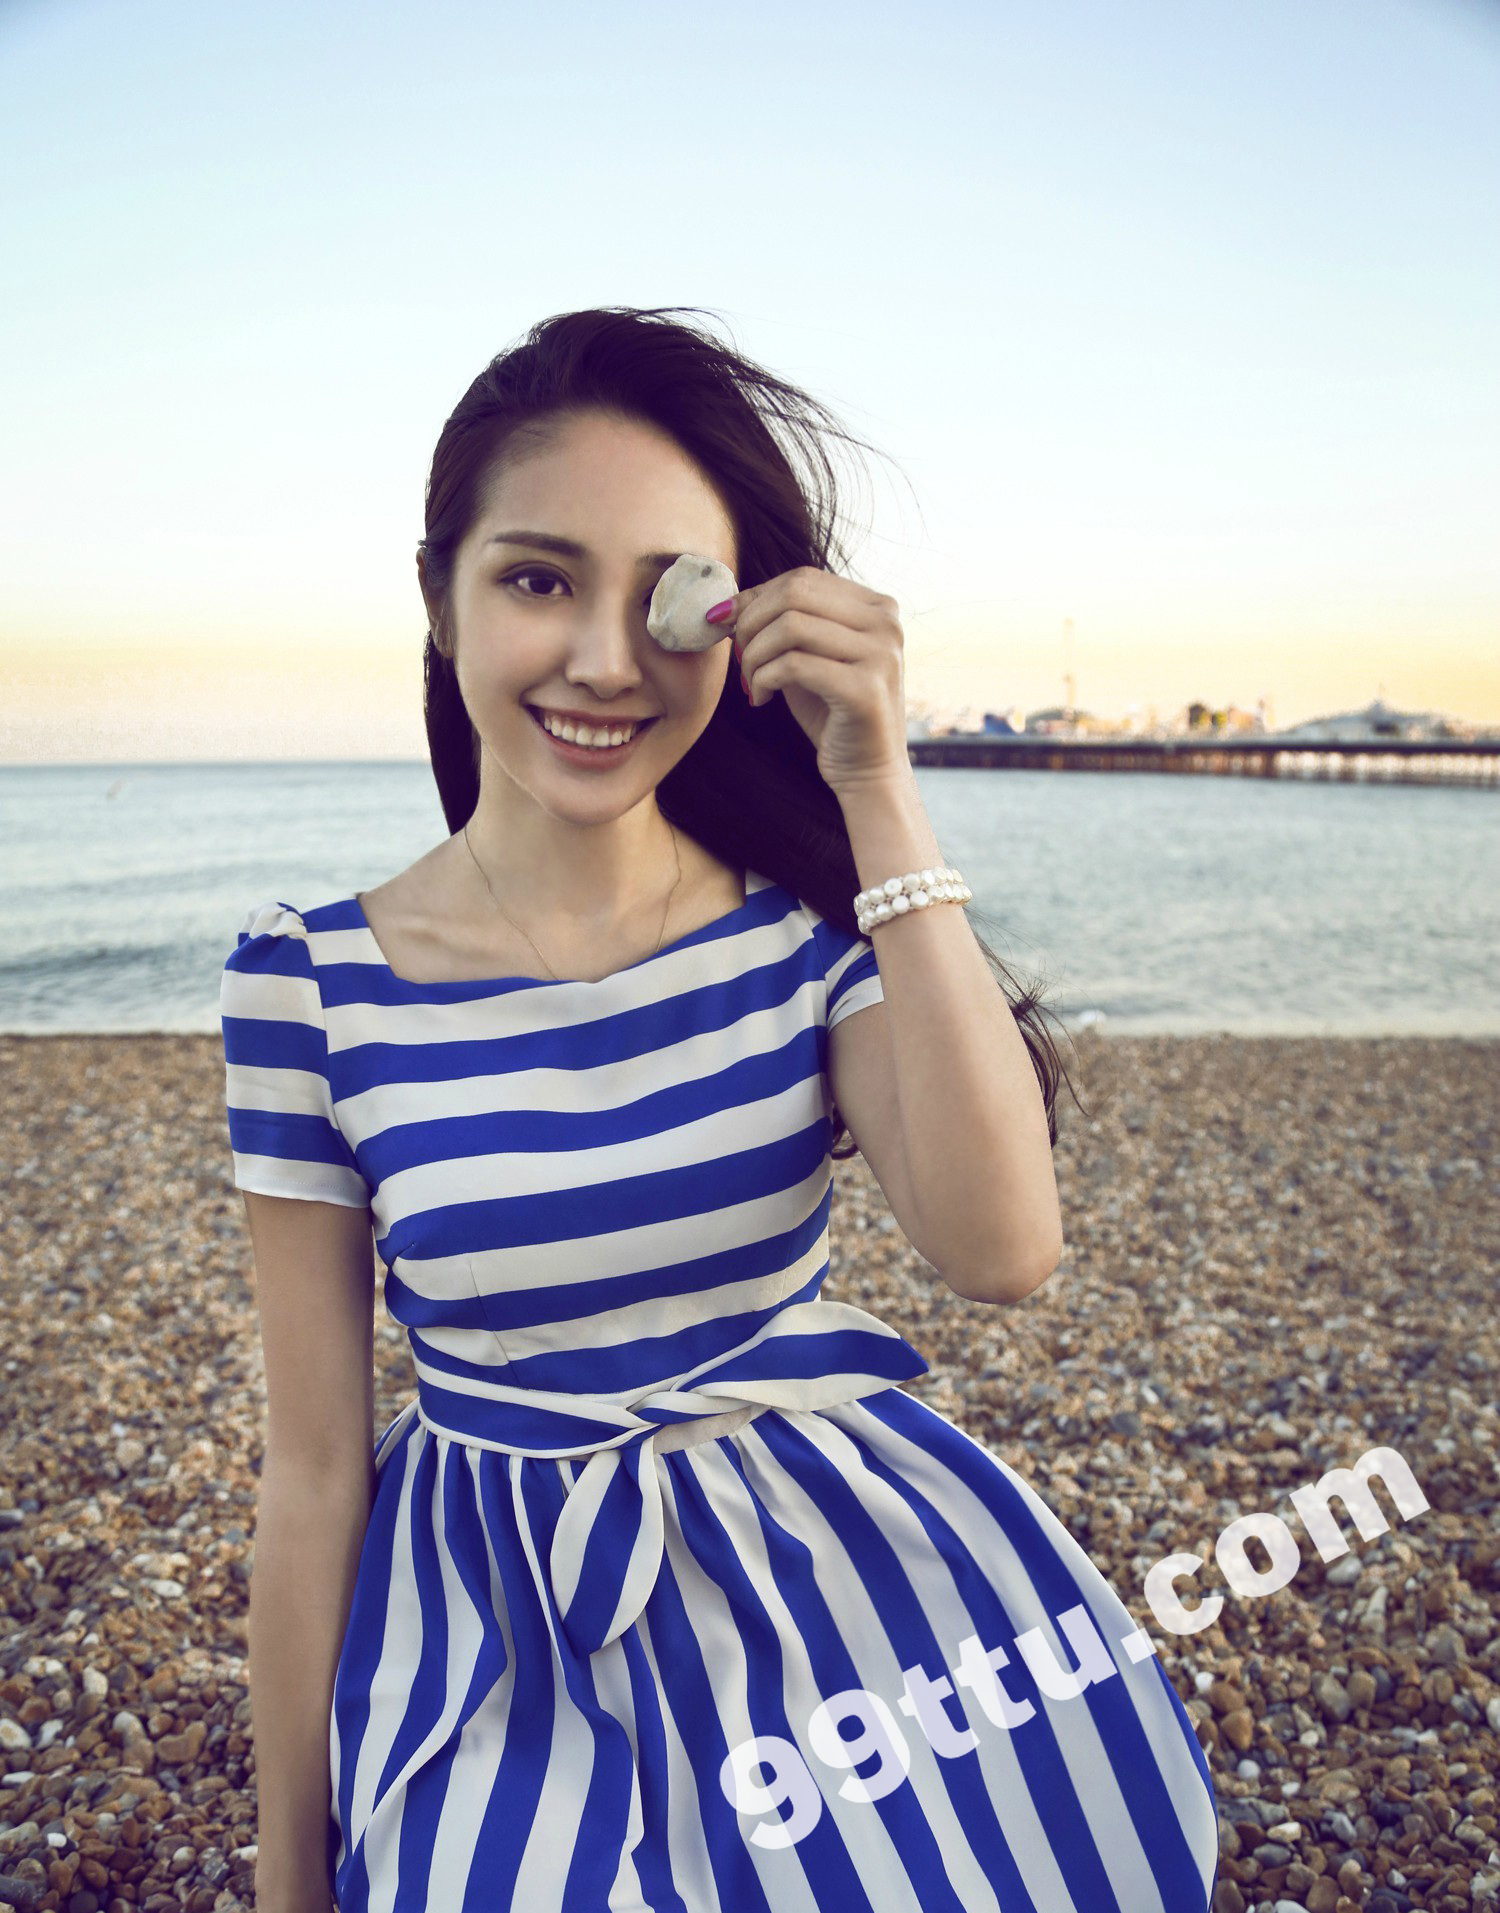 KK39 551张 时尚美女达人自拍照生活照-11